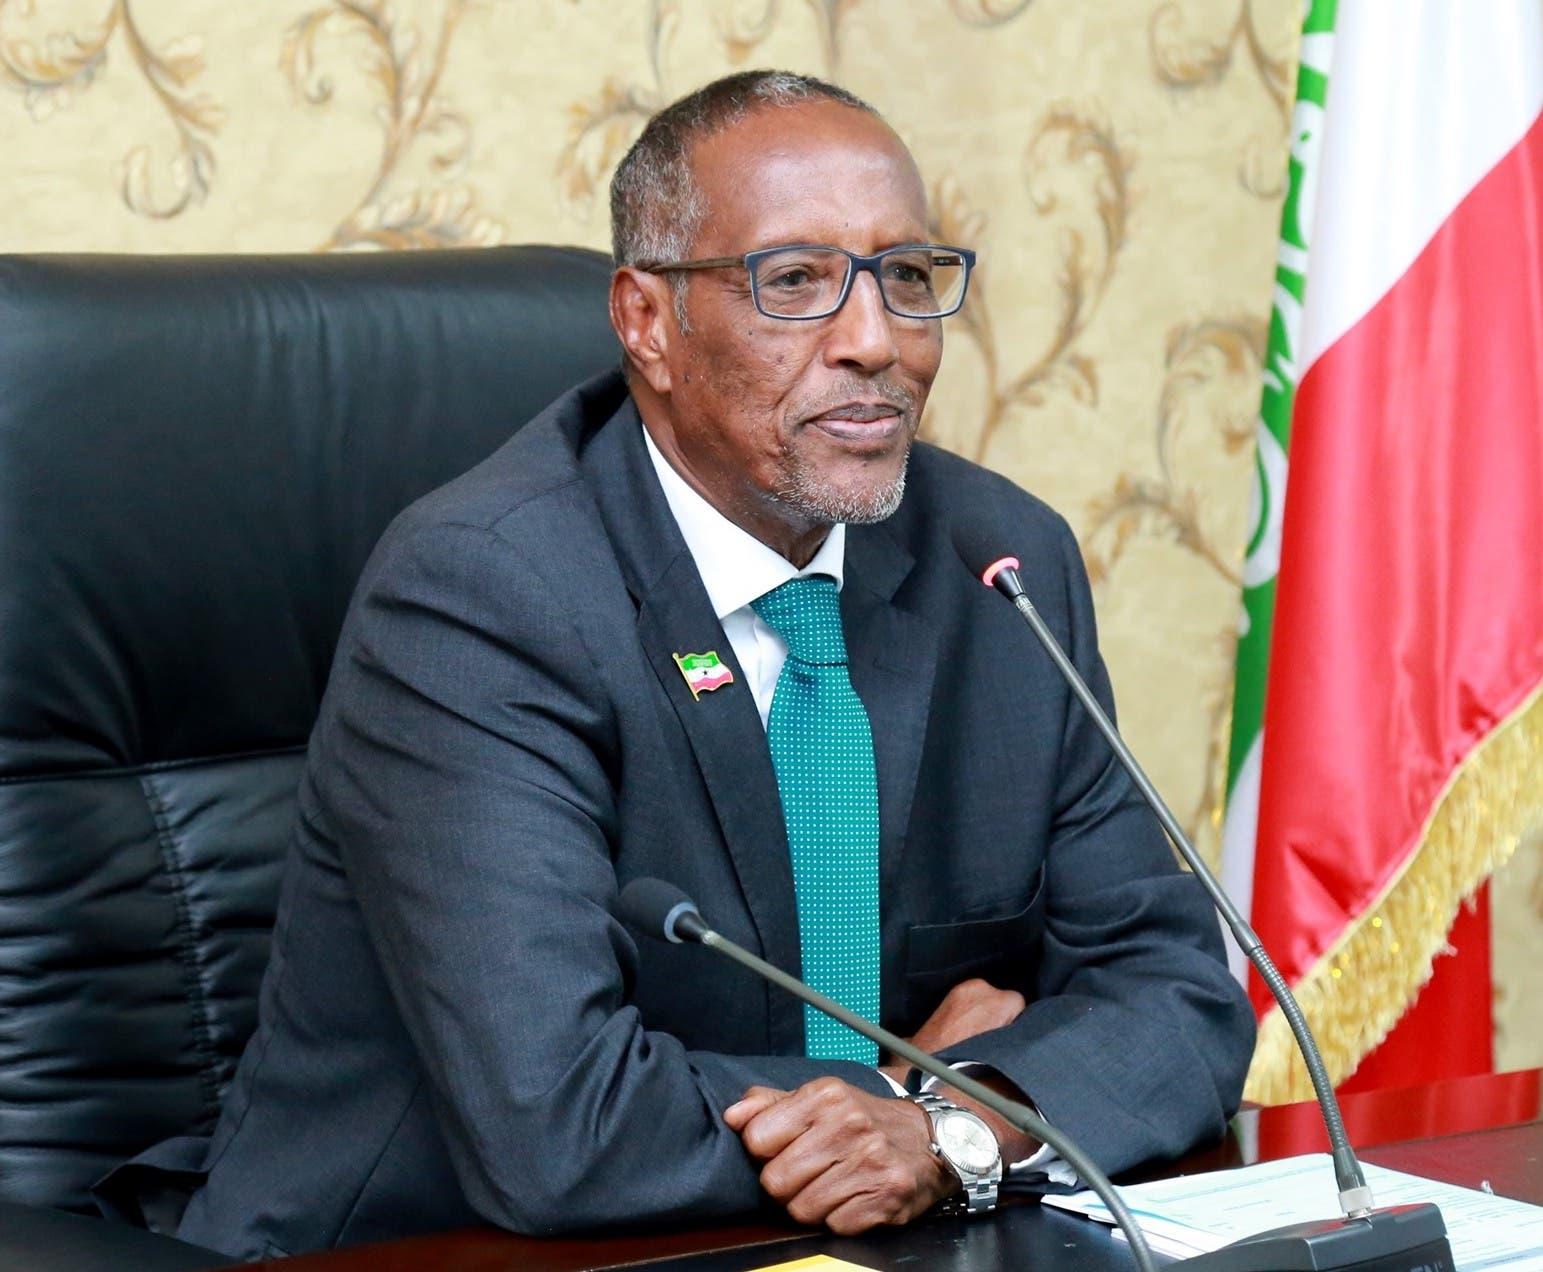 Maxay Somaliland ka tiri qorshaha Mareykanka ee ciidamadiisa ugala baxayo Soomaaliya?